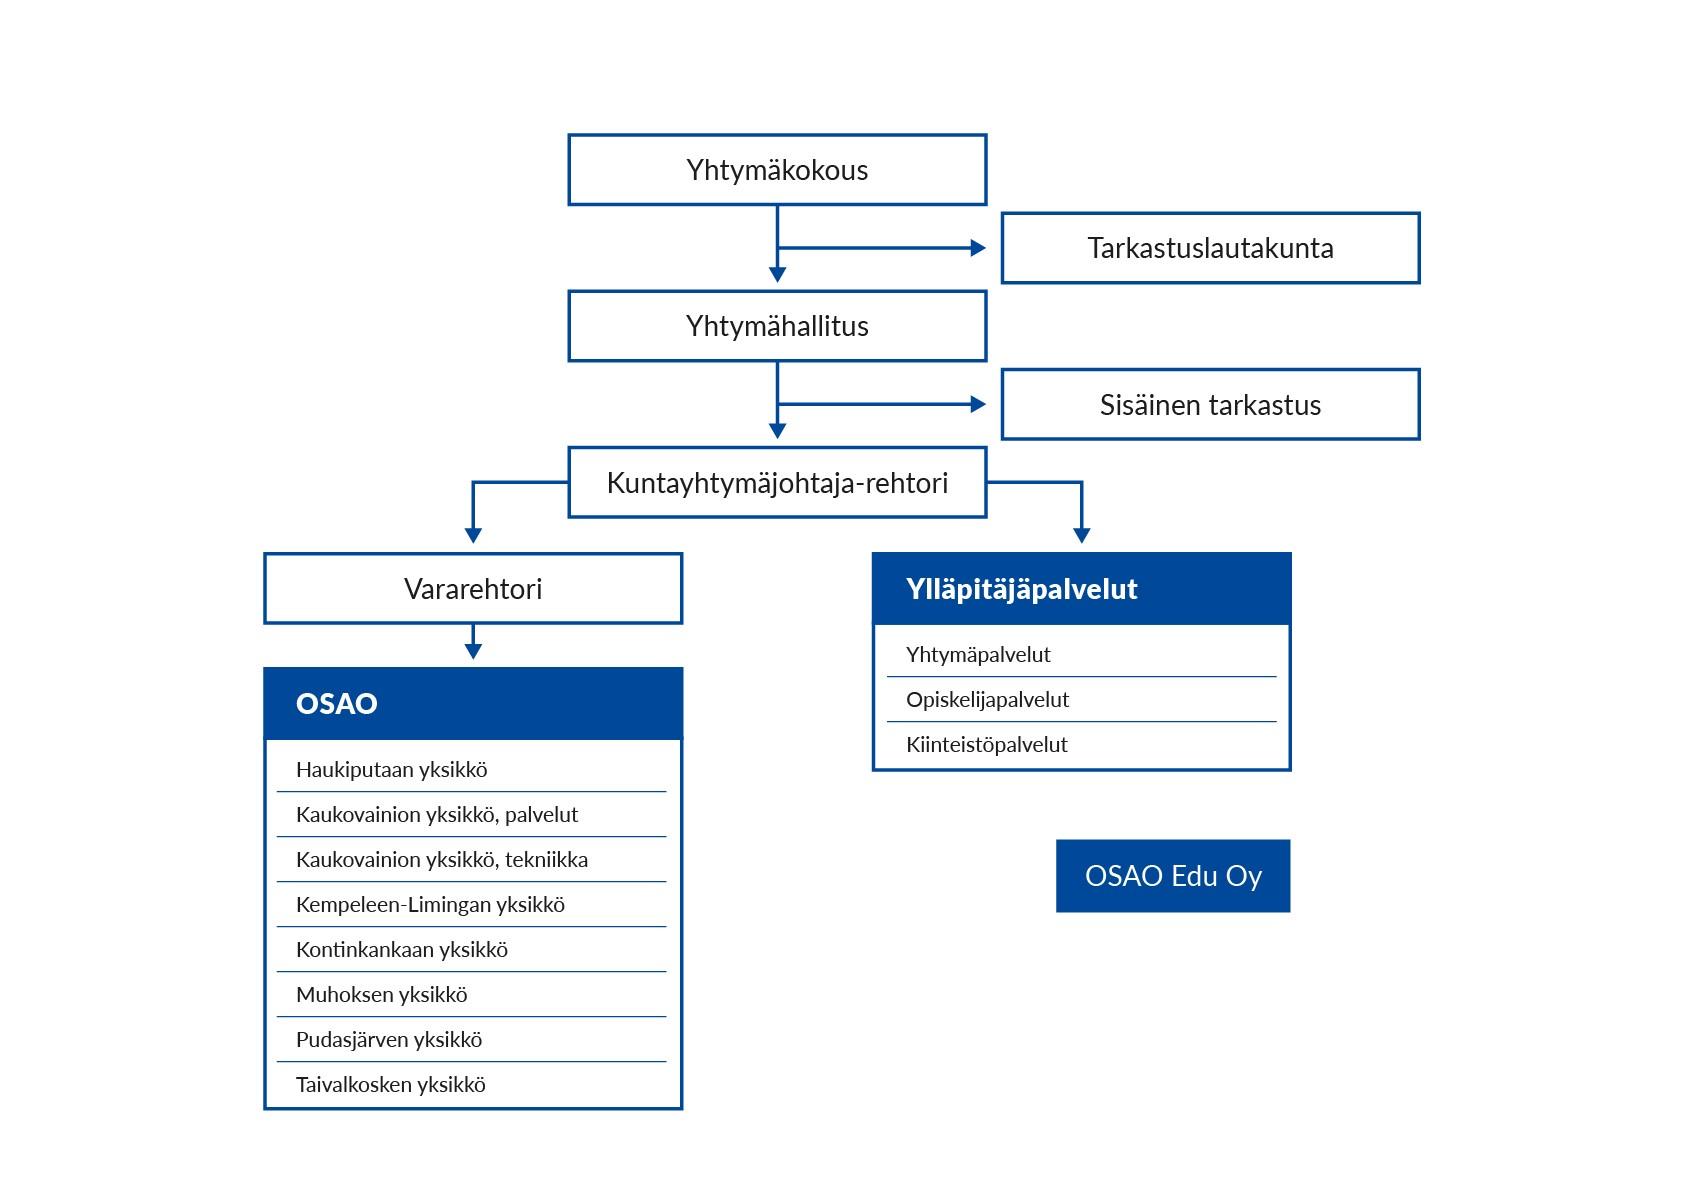 Koulutuskuntayhtymä OSAOn organisaatiokaavio.